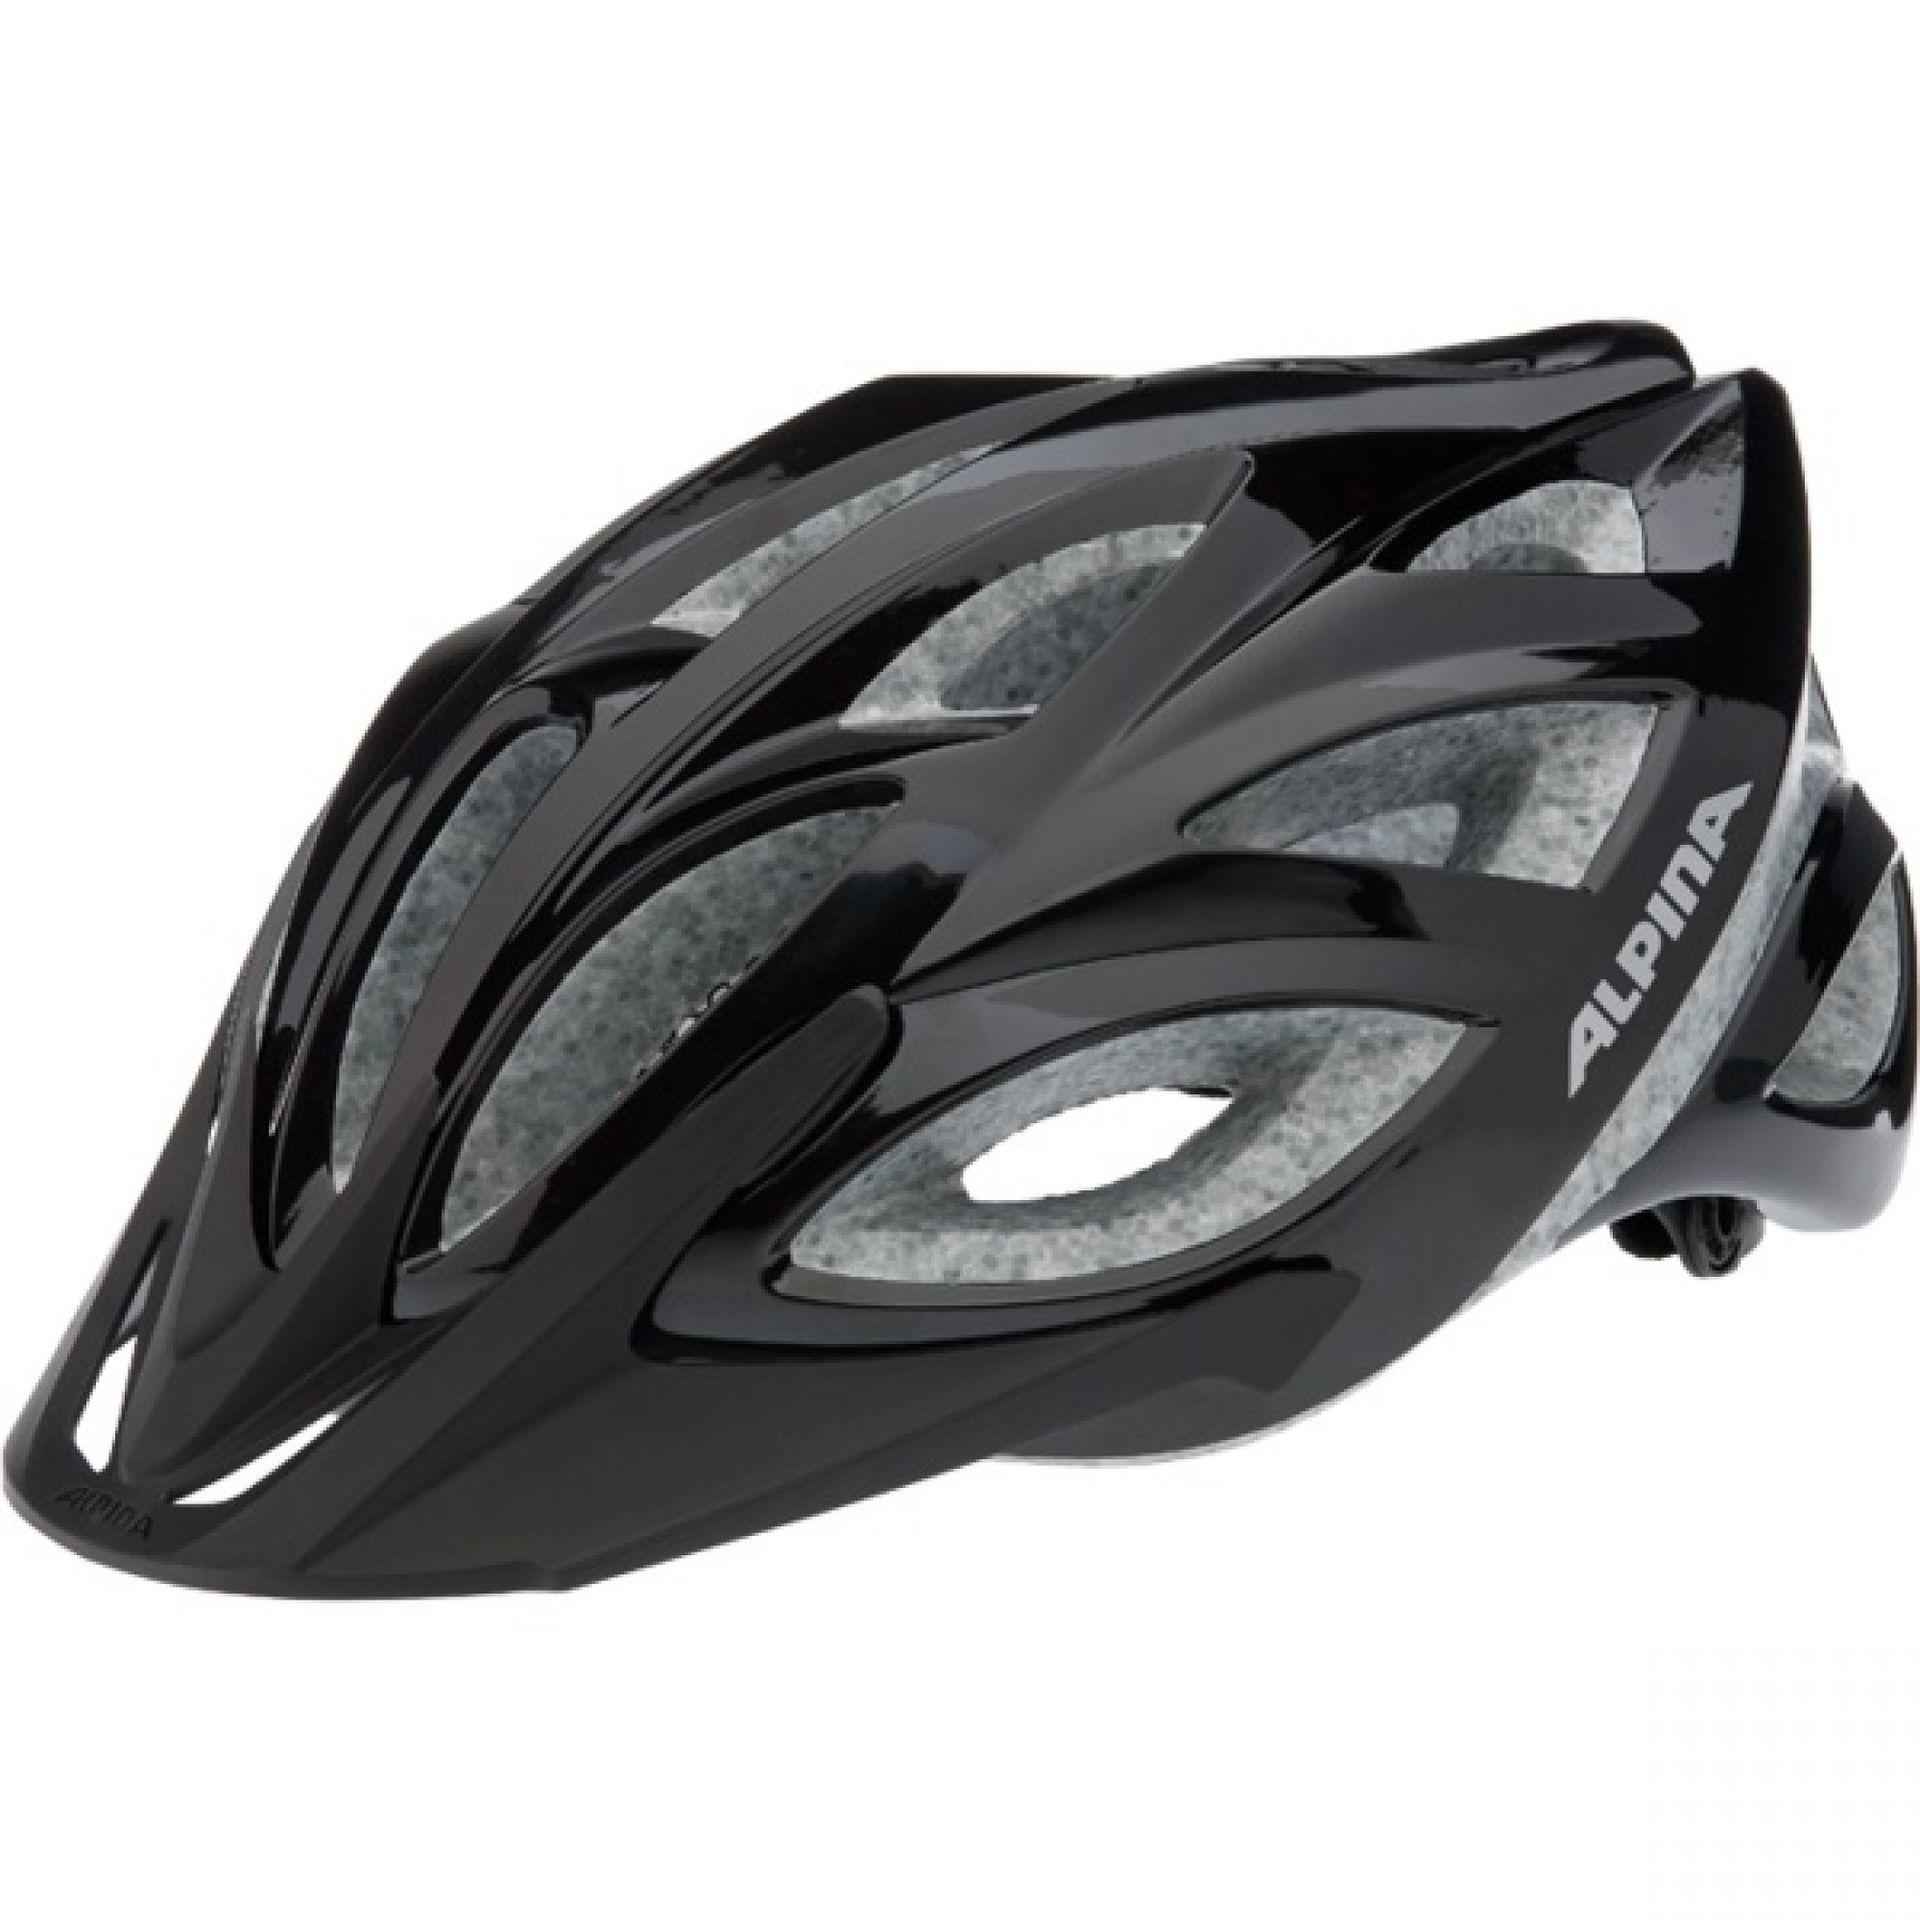 Kask rowerowy Alpina Skid 2,0 czarny